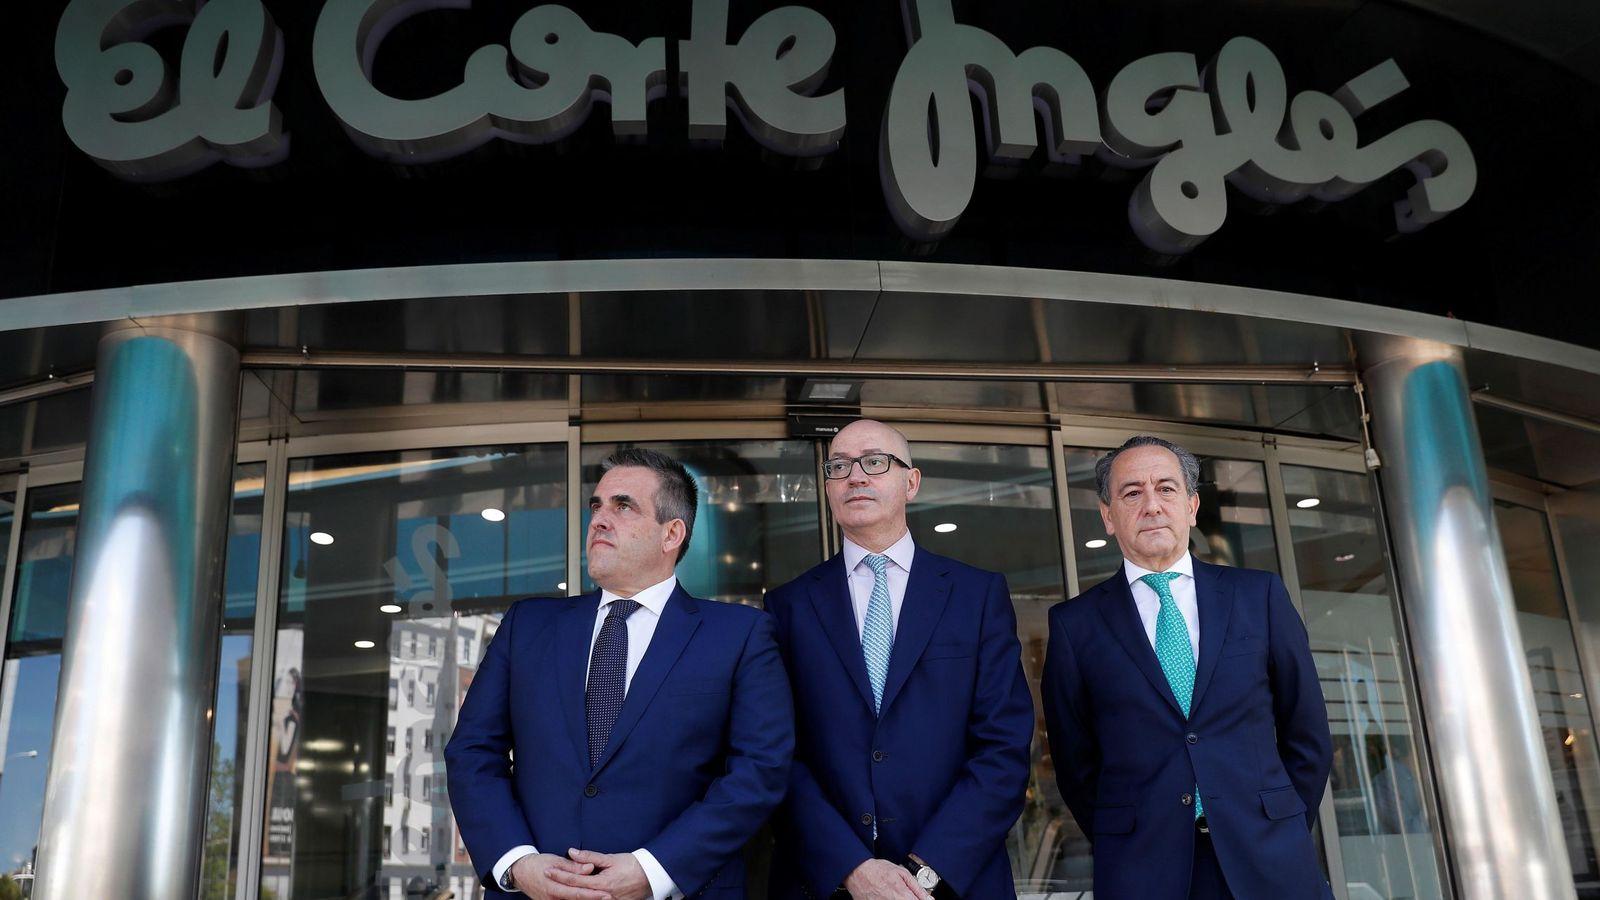 Foto: El nuevo presidente de El Corte Inglés, Jesús Nuño de la Rosa (c), junto al consejero delegado, Víctor del Pozo (i), y el directivo Arsenio de la Vega (d)